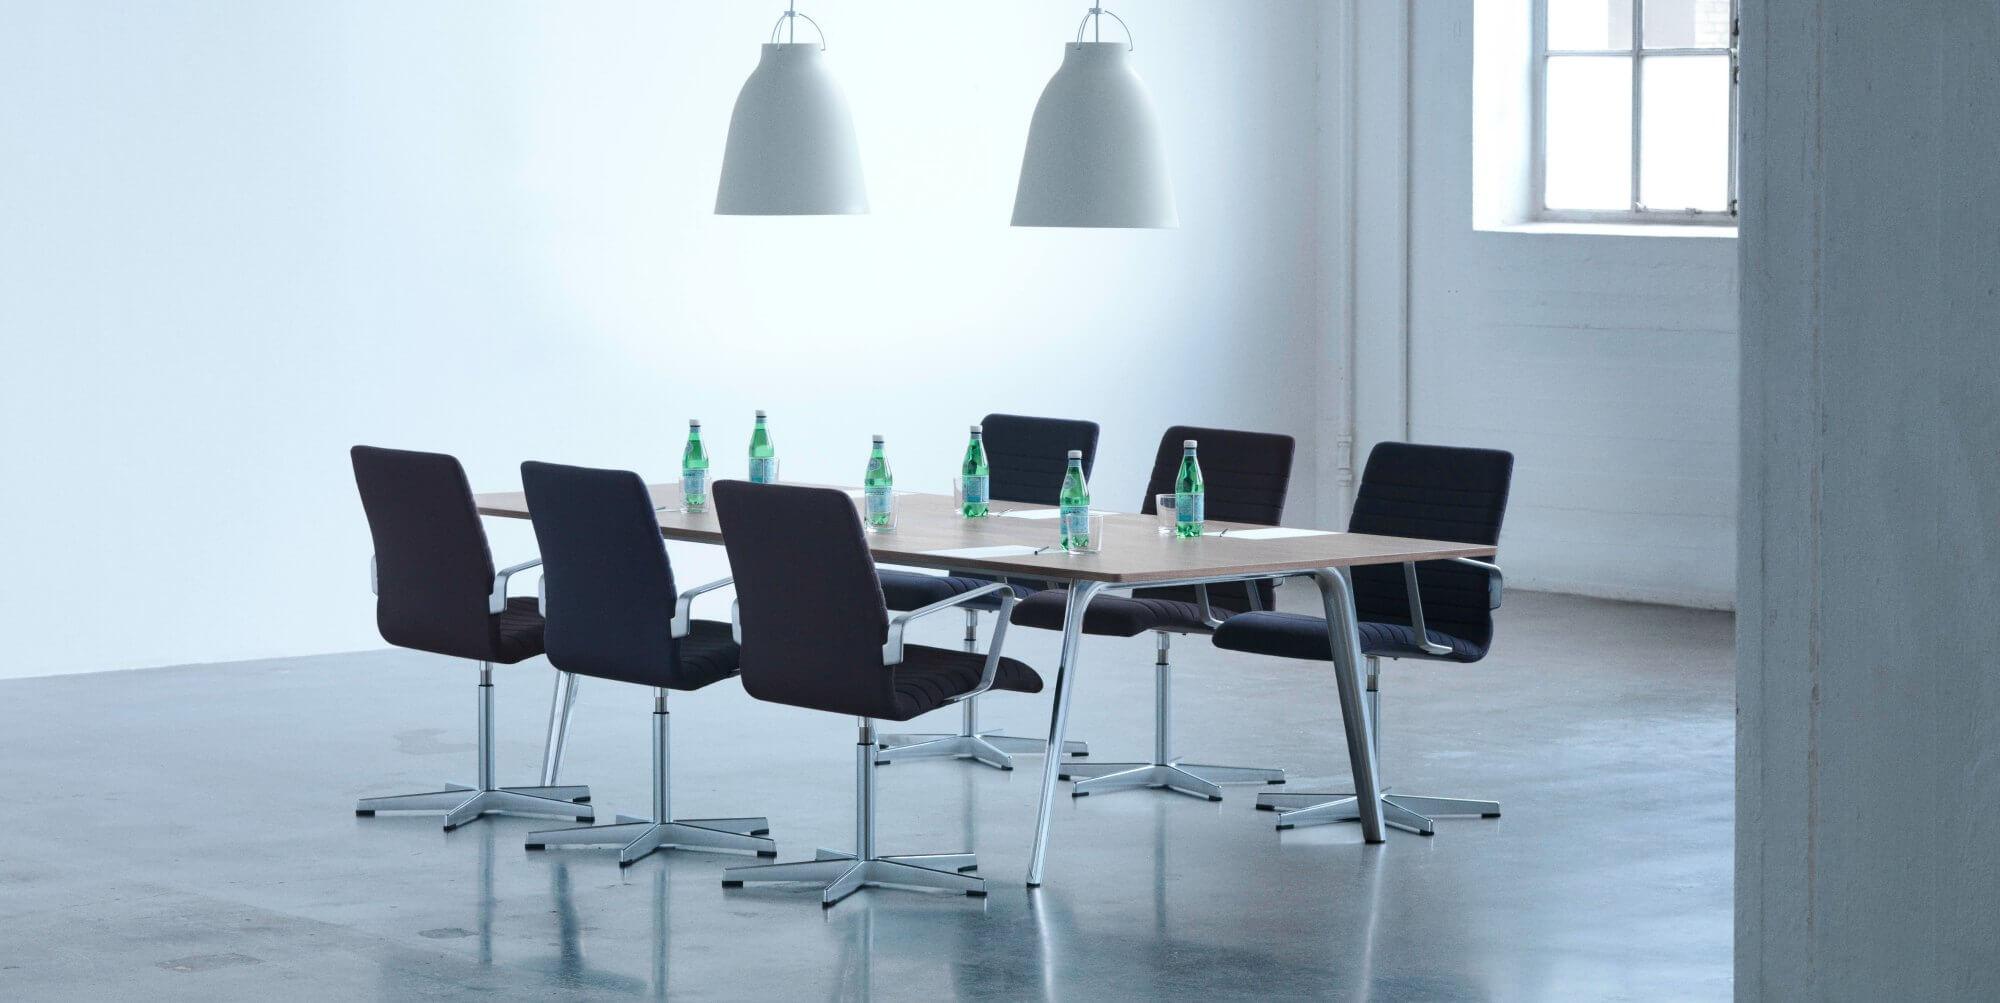 Sillas de oficina reunion oxford arne jacobsen adeyaka for Sillas oficina barcelona